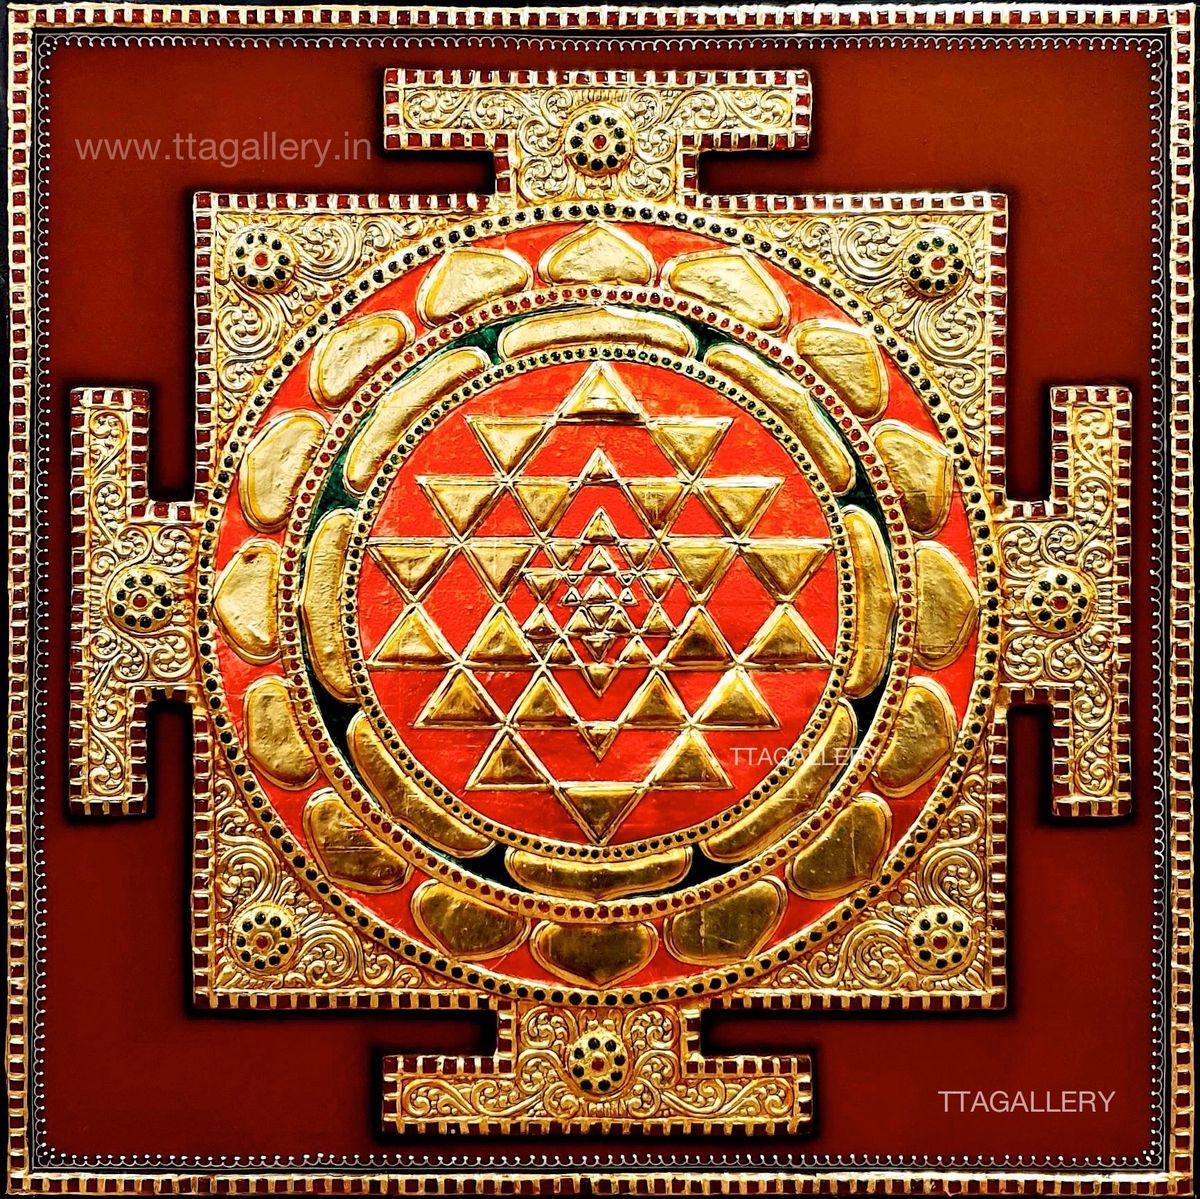 Sri Yantra Shri Chakra Antique Finish Semi Embossed Tanjore Painting